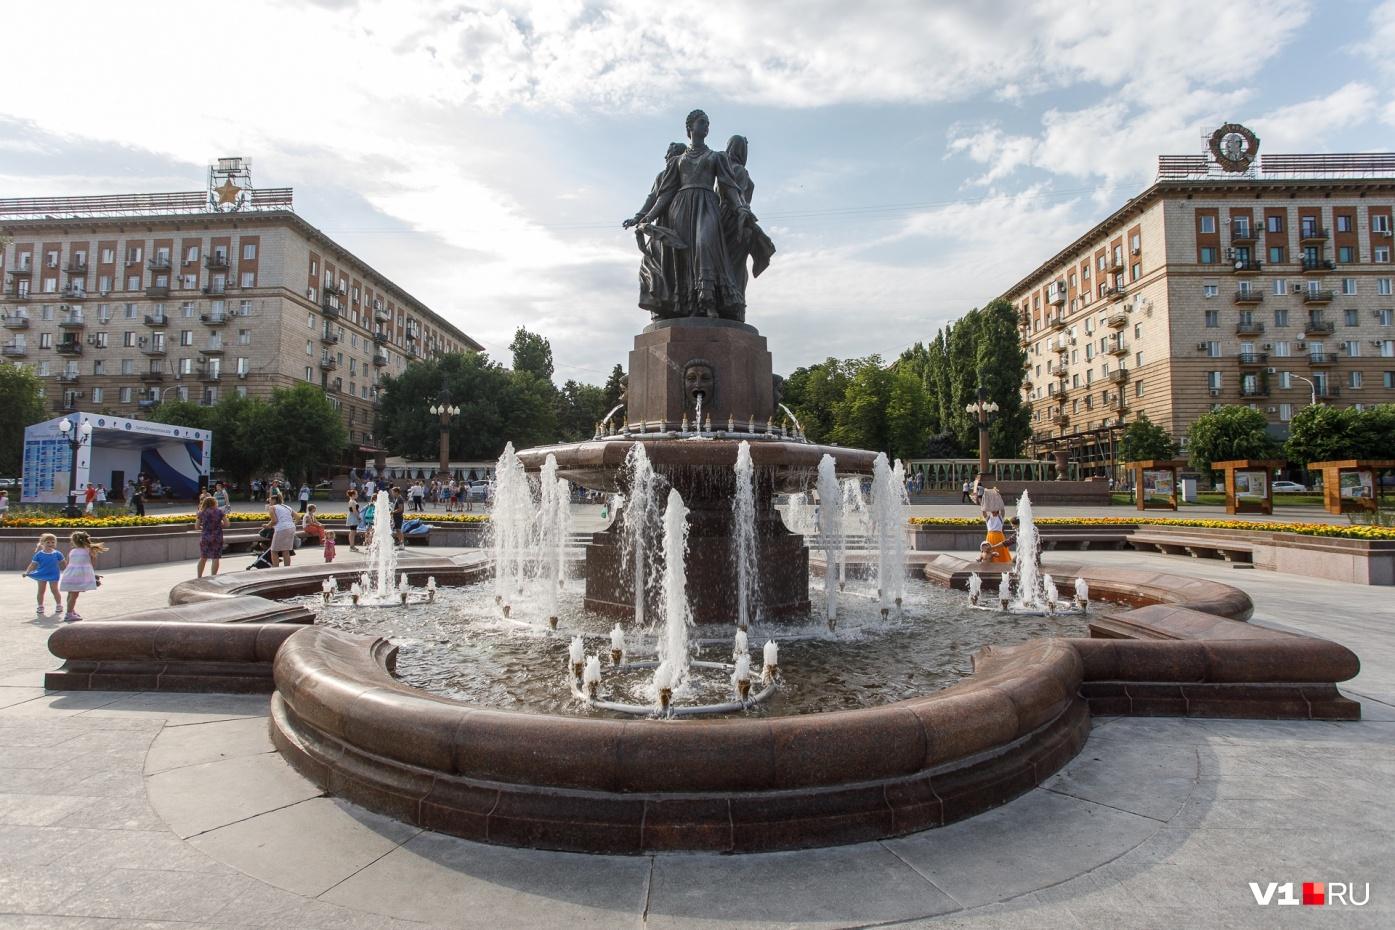 Фонтан «Искусство» признали объектом культурного наследия за 100 тысяч рублей